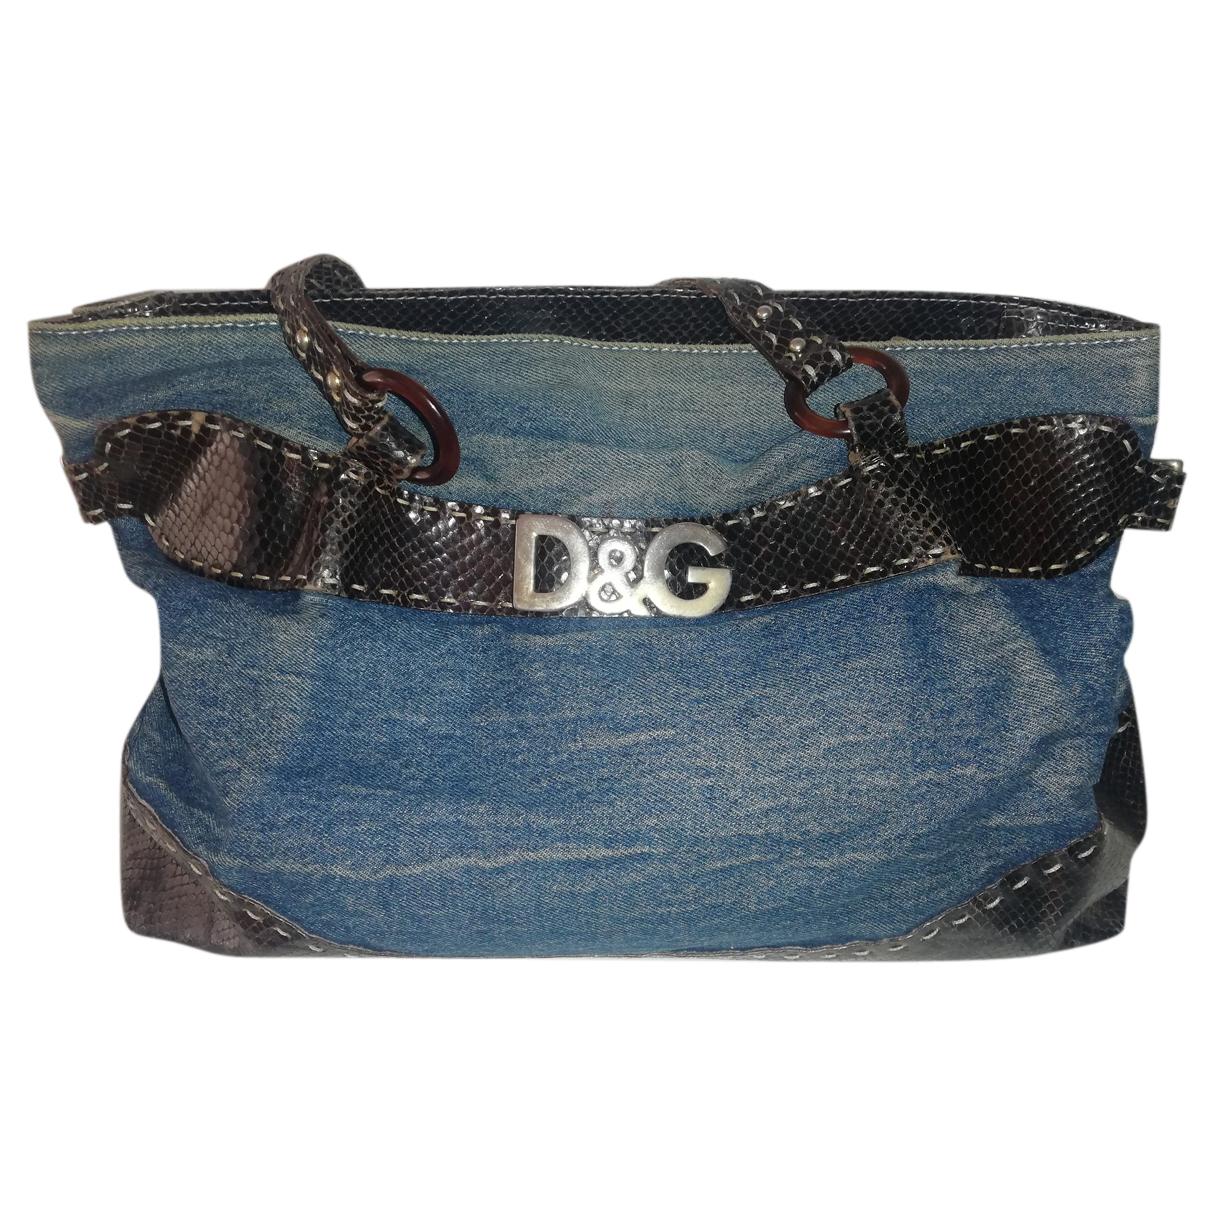 D&g N Denim - Jeans handbag for Women N